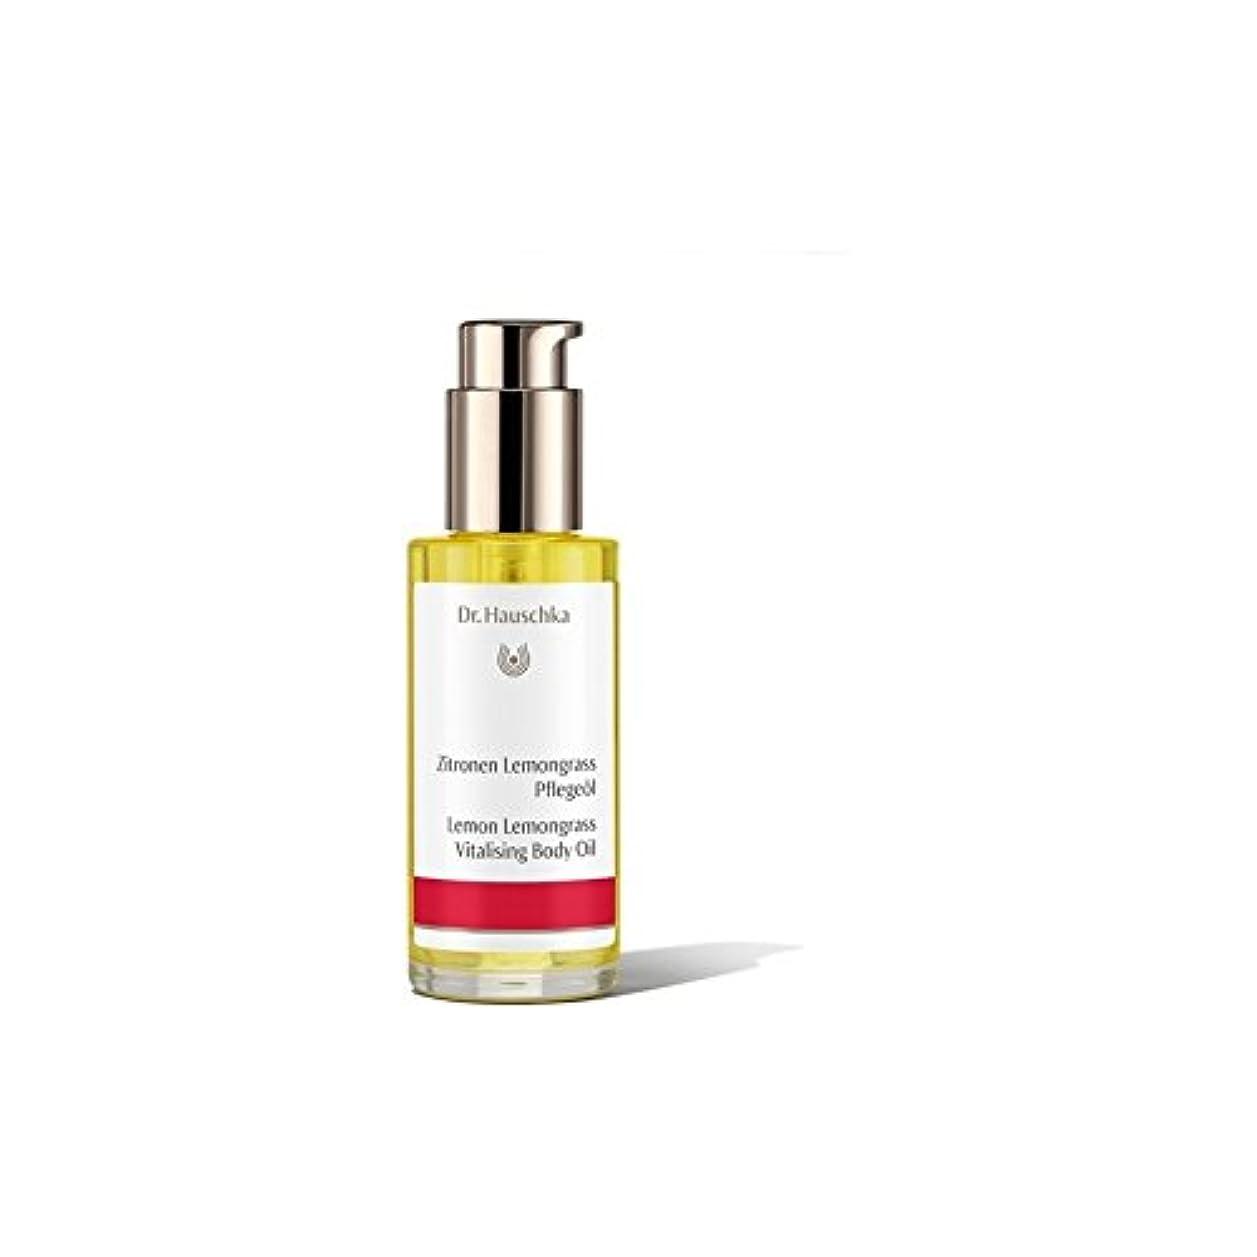 啓示するなのでハウシュカレモンレモングラスボディオイル(75ミリリットル) x2 - Dr. Hauschka Lemon Lemongrass Vitalising Body Oil (75ml) (Pack of 2) [並行輸入品]